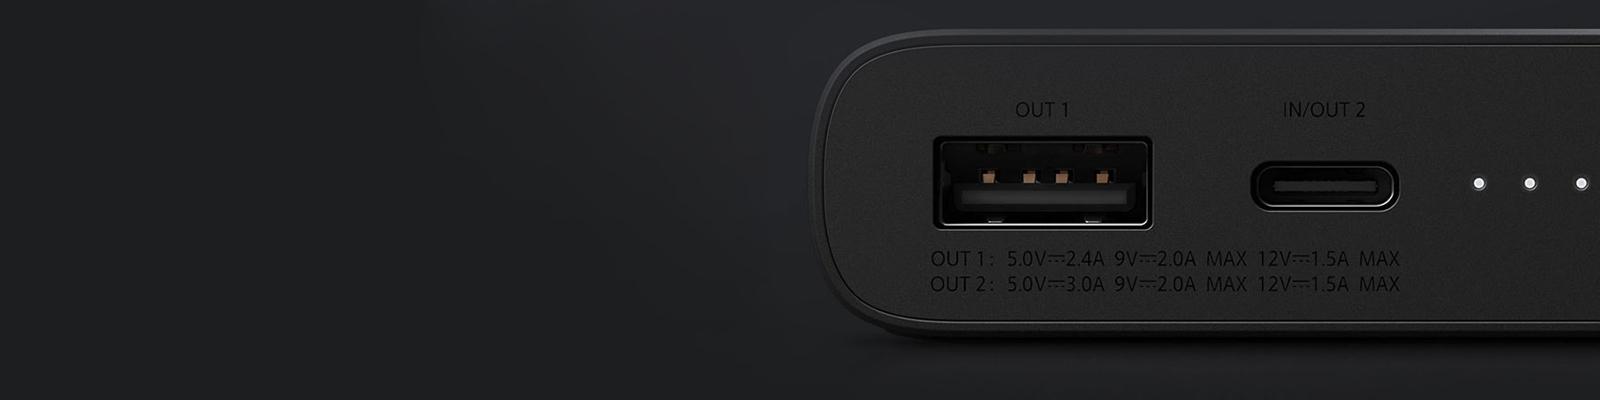 Xiaomi QI 10000mAh PLM11Z